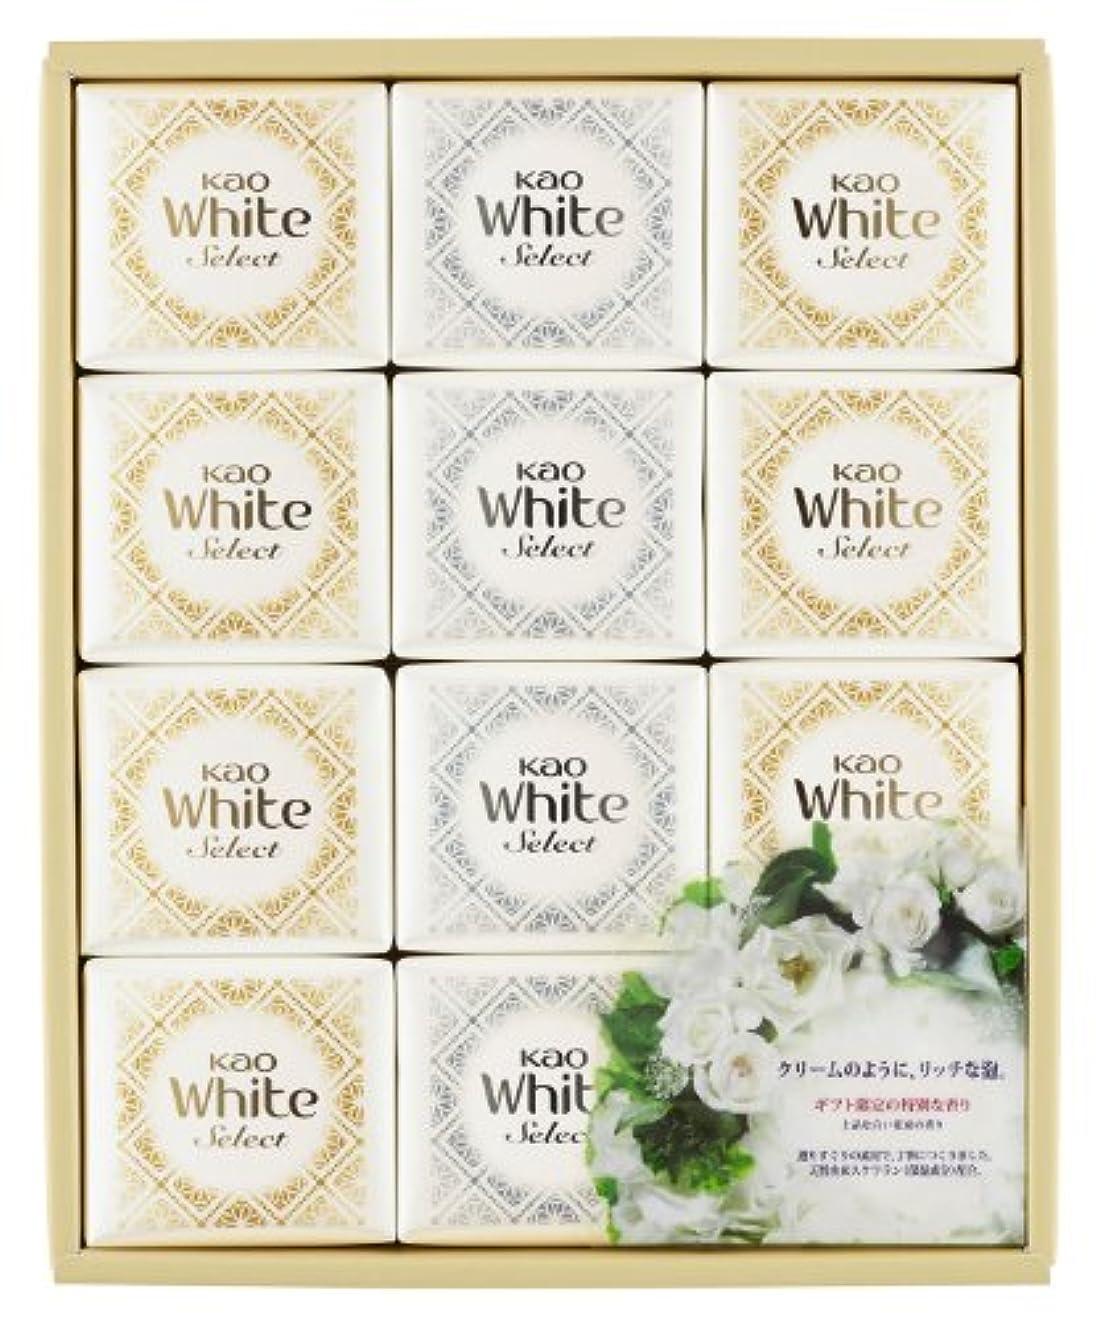 きらめき寝るウォーターフロント花王ホワイト セレクト 上品な白い花束の香り 85g 12コ K?WS-20